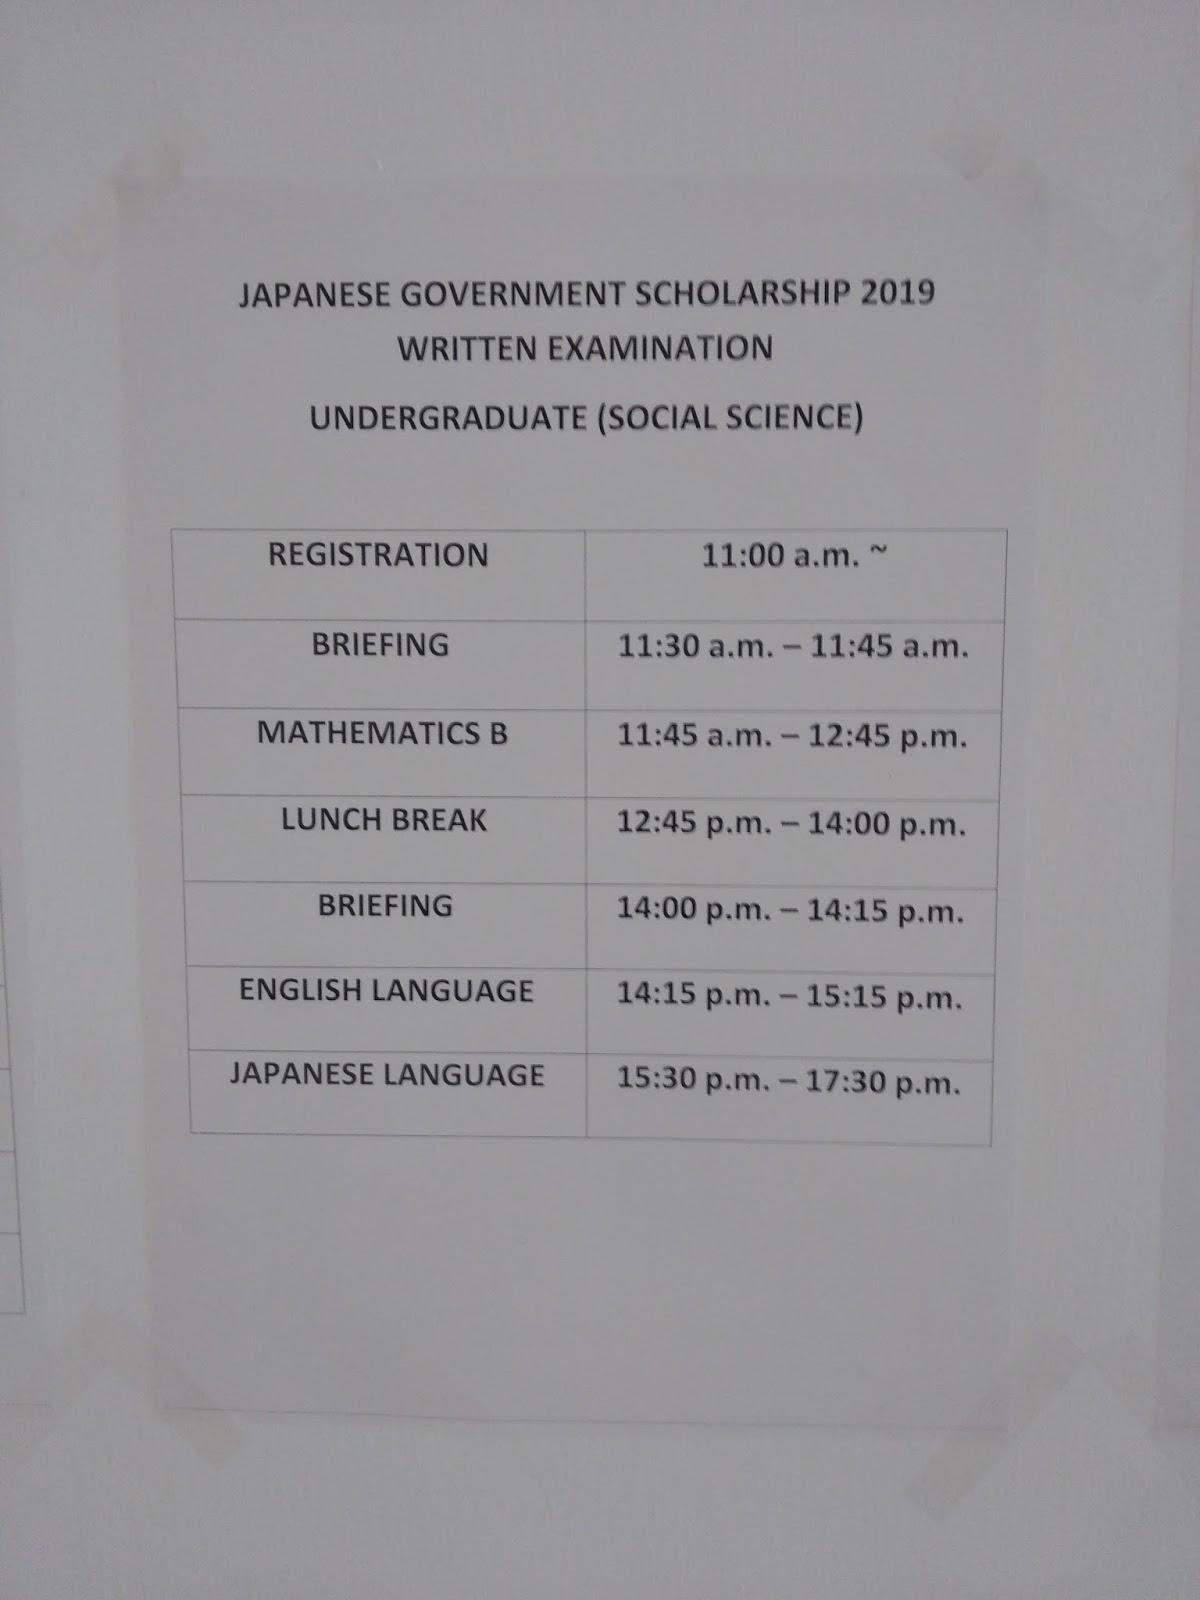 Japanese Government (Monbukagakusho) Scholarship 2019